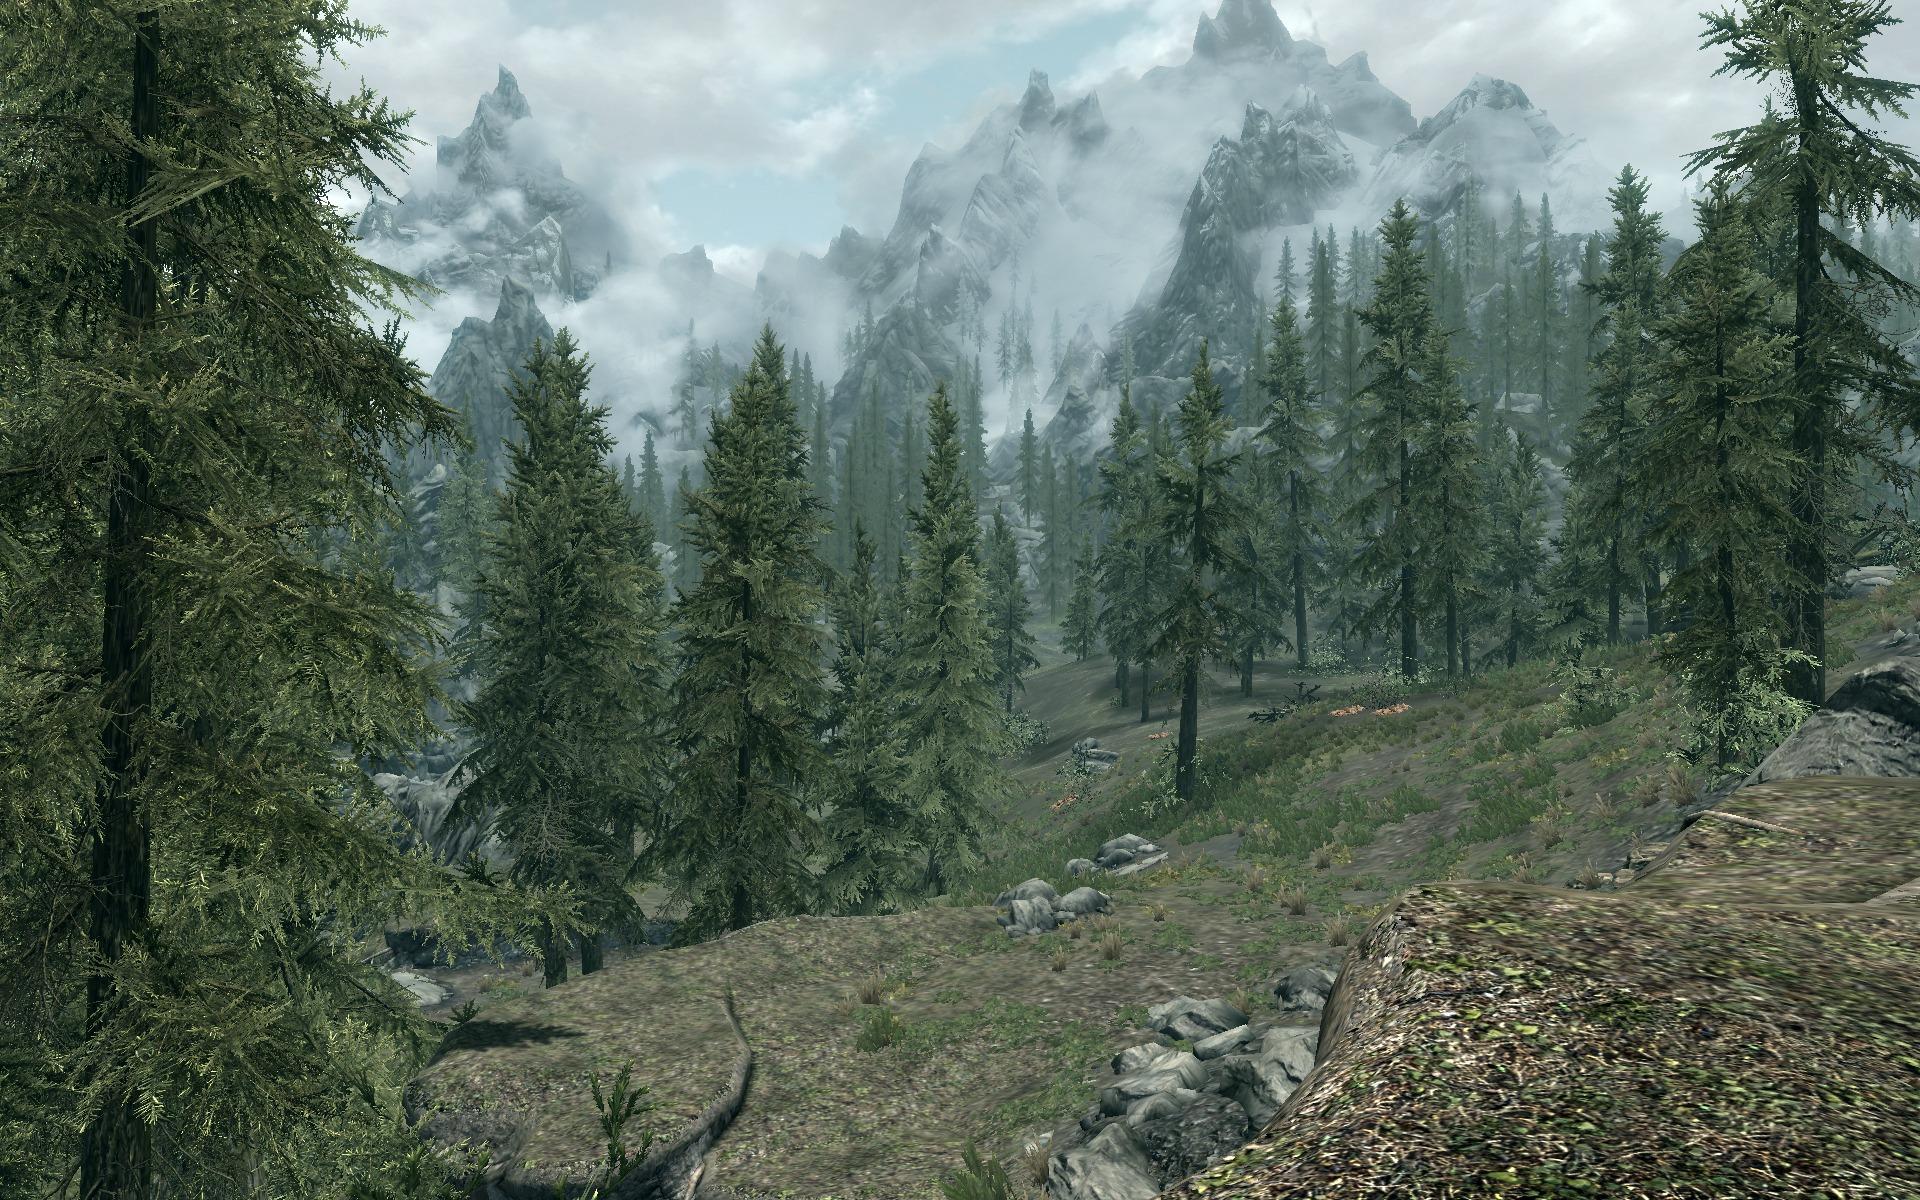 16065_2jLSqDAXuc_skyrim_tourist_forest.j